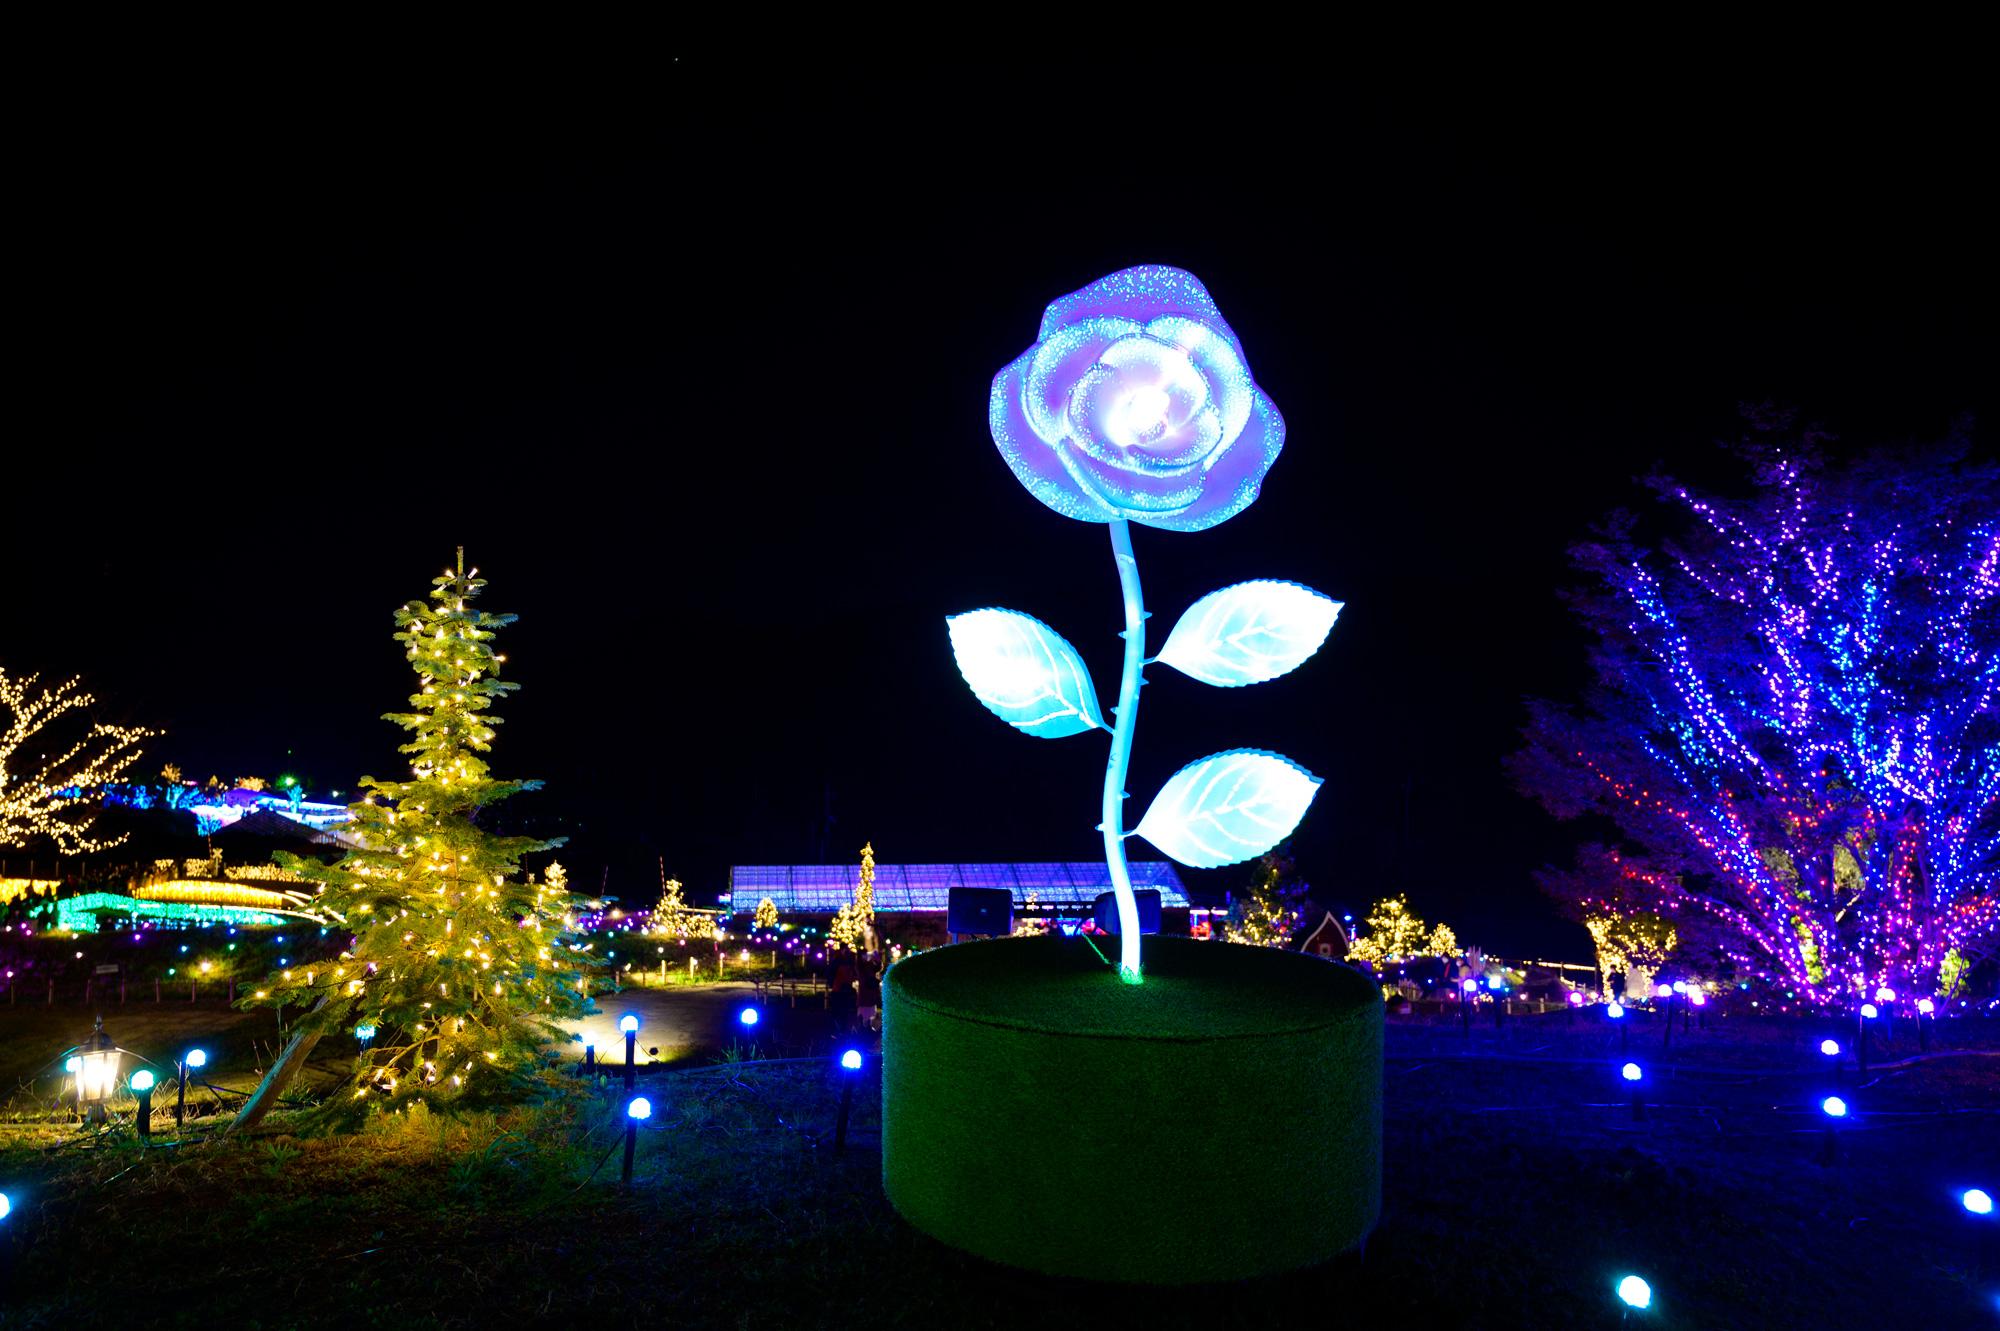 ローザンイルミ2020 奇跡の青いバラ